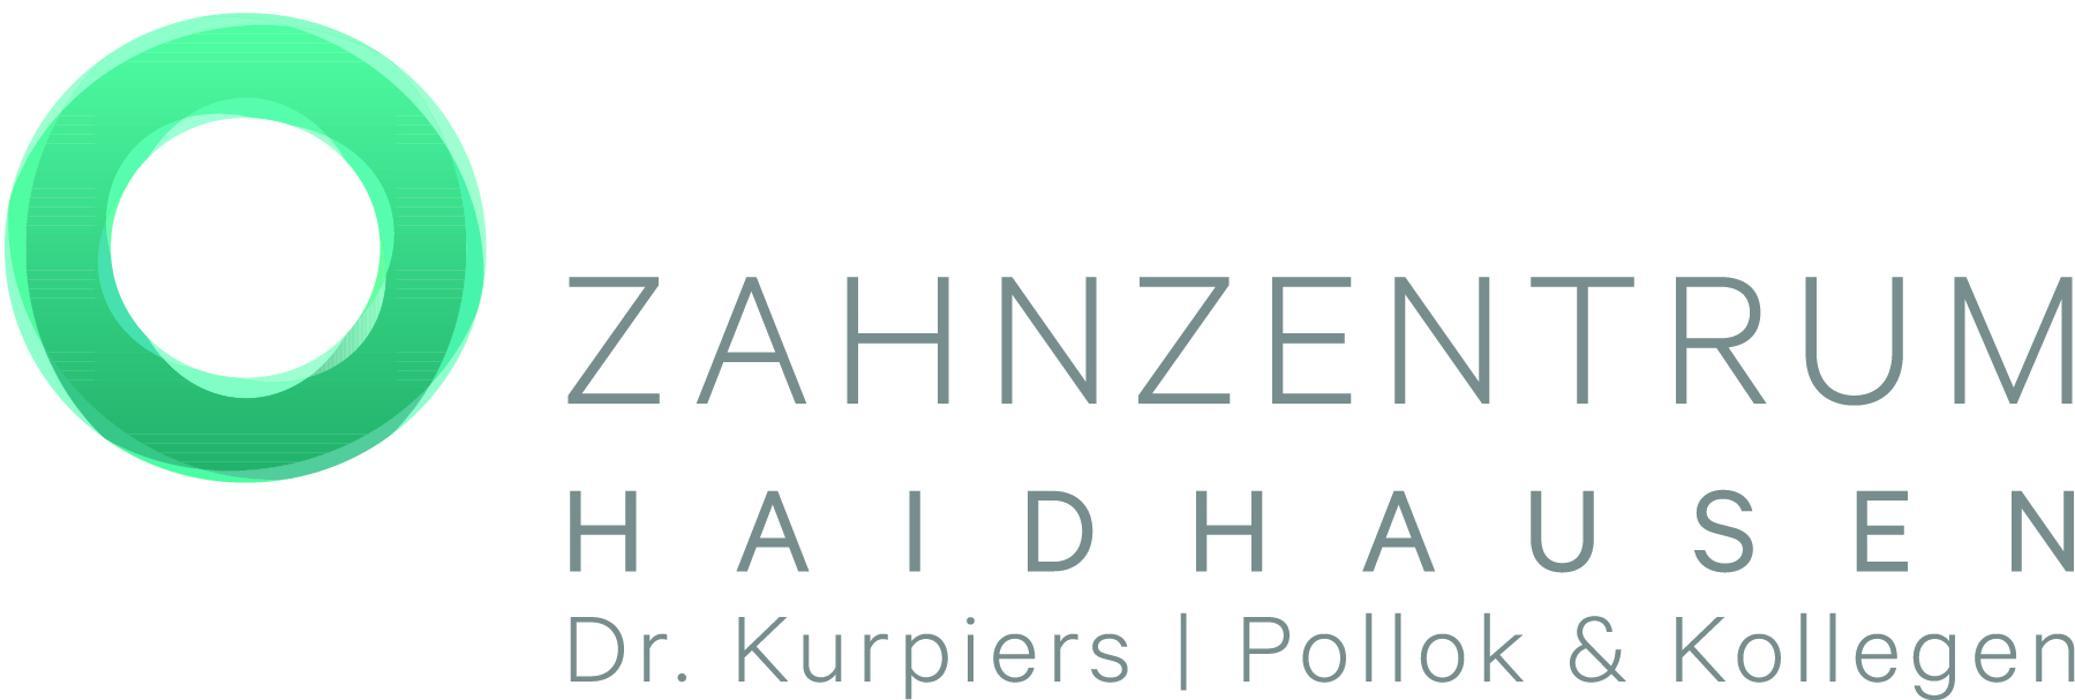 Zahnarztpraxis Haidhausen - Dr.H-R.Kurpiers